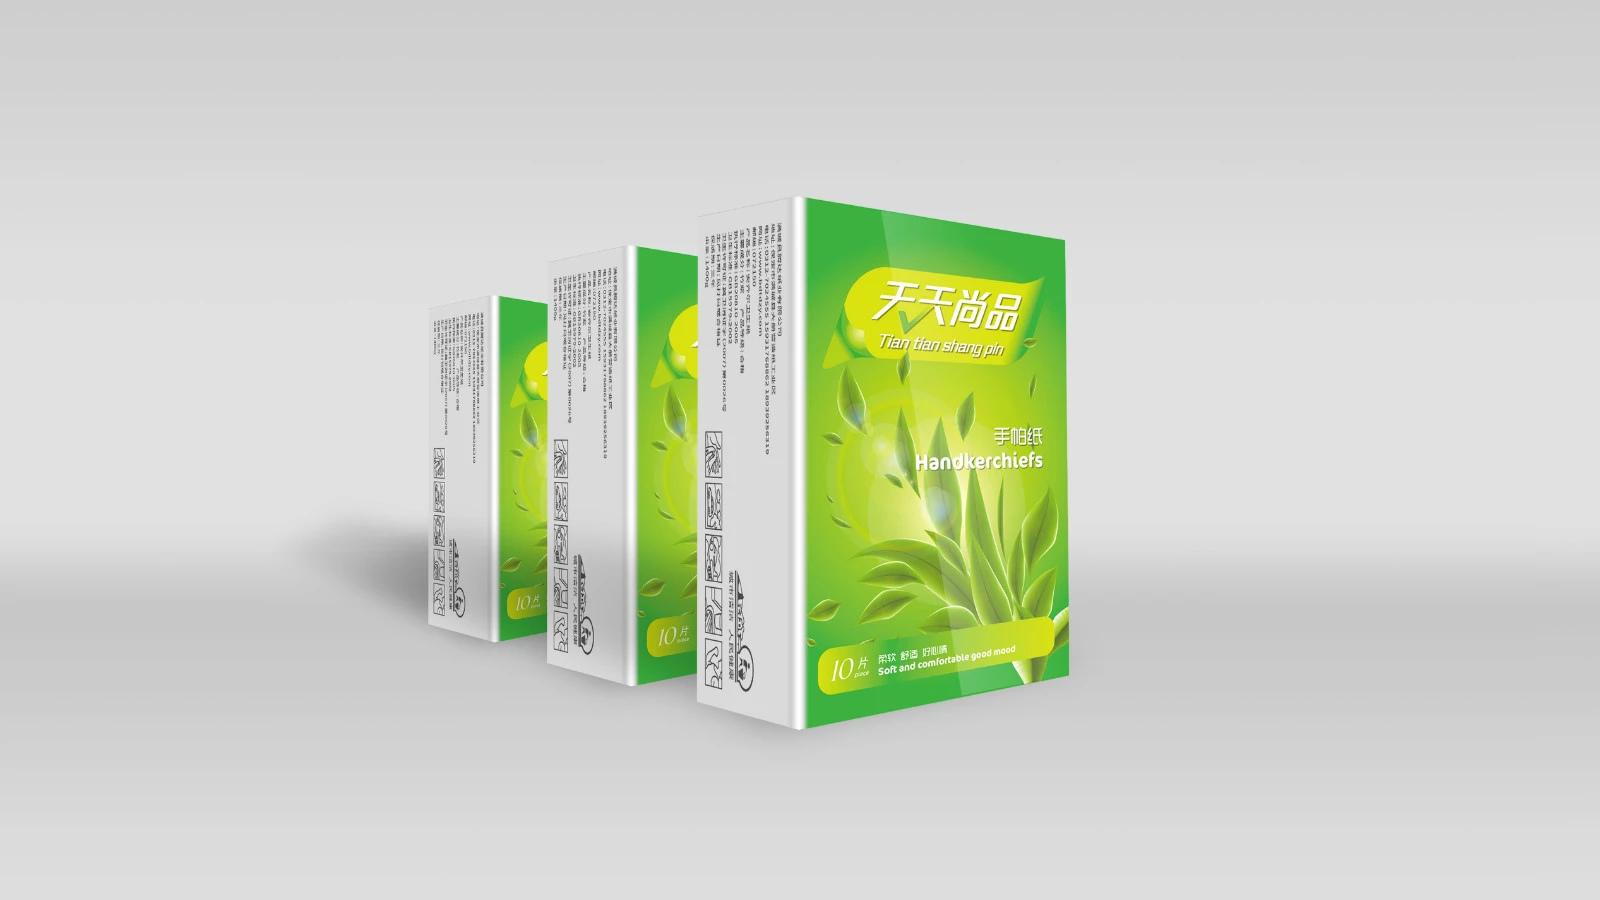 大册营纸巾包装12案例图片 设计师赵猛品牌设计的空间 红动中国设计